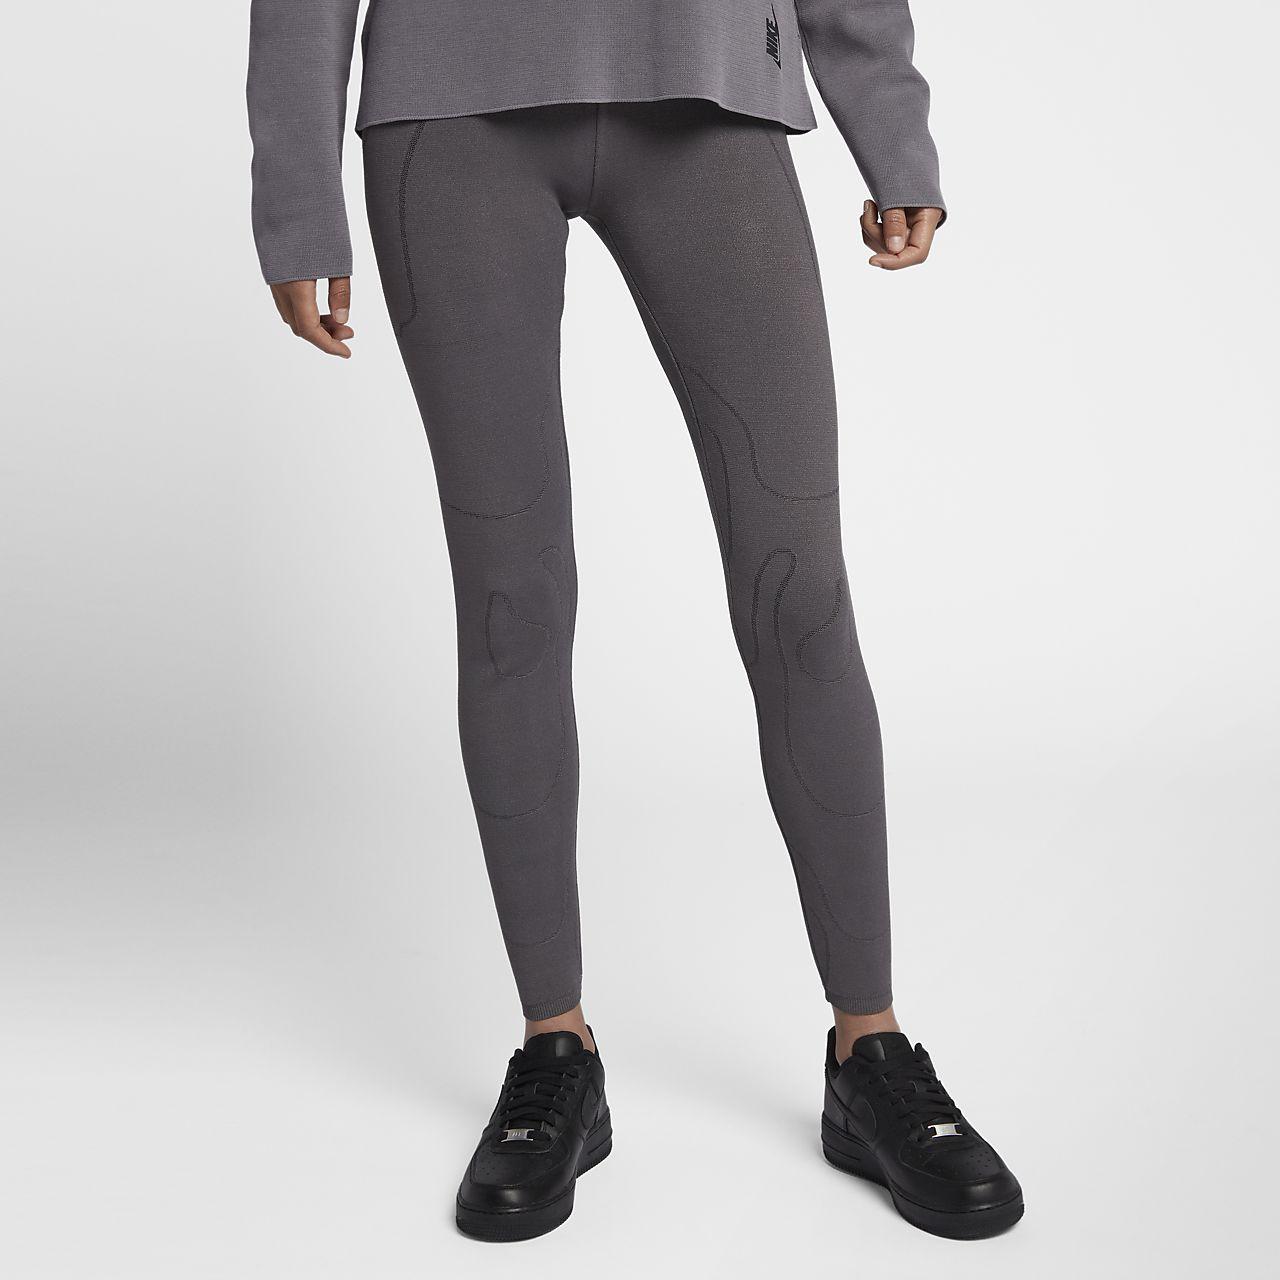 Stickade tights NikeLab Made in Italy för kvinnor